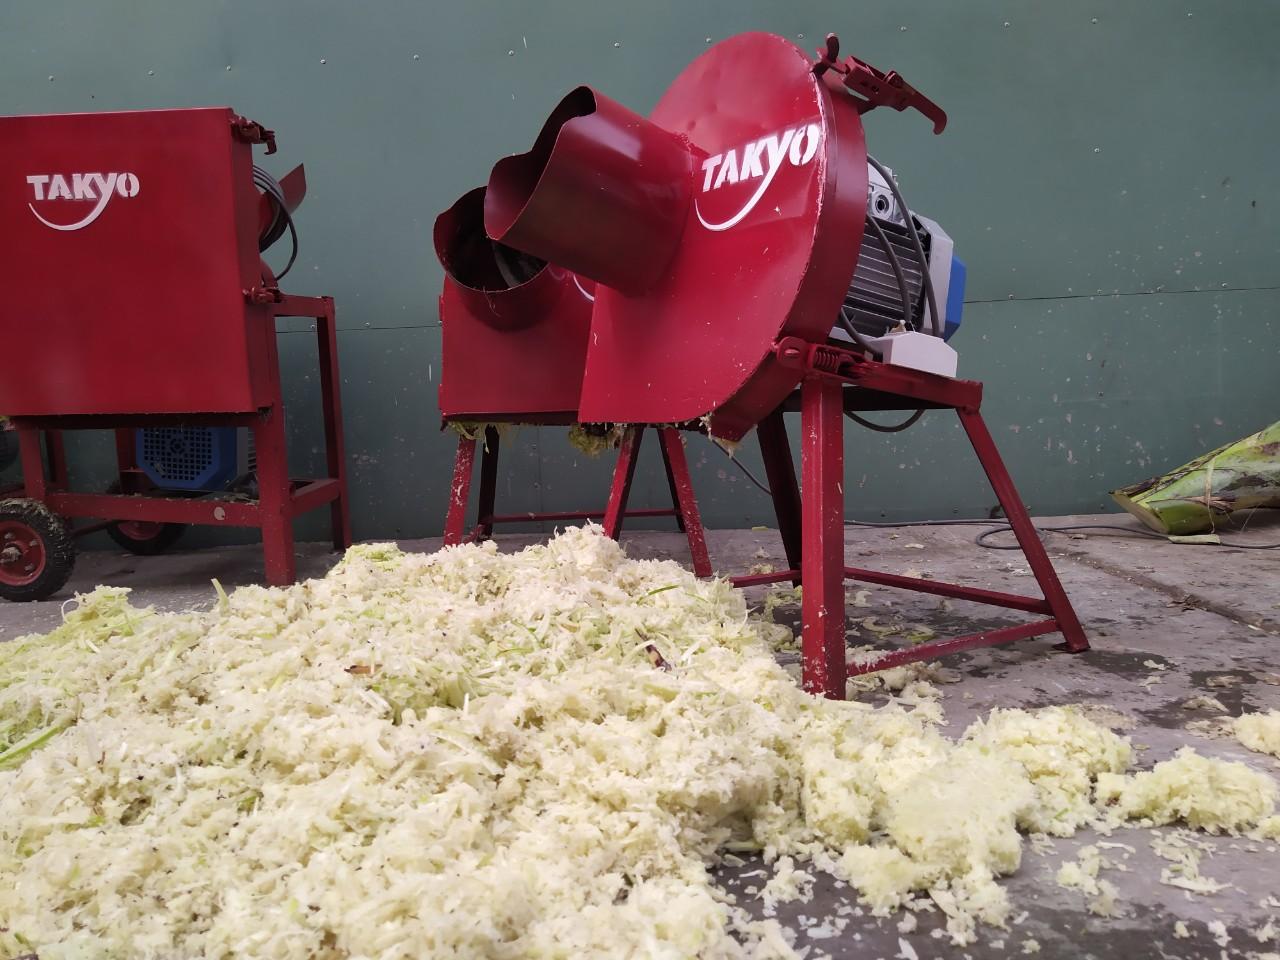 Công suất máy băm chuối